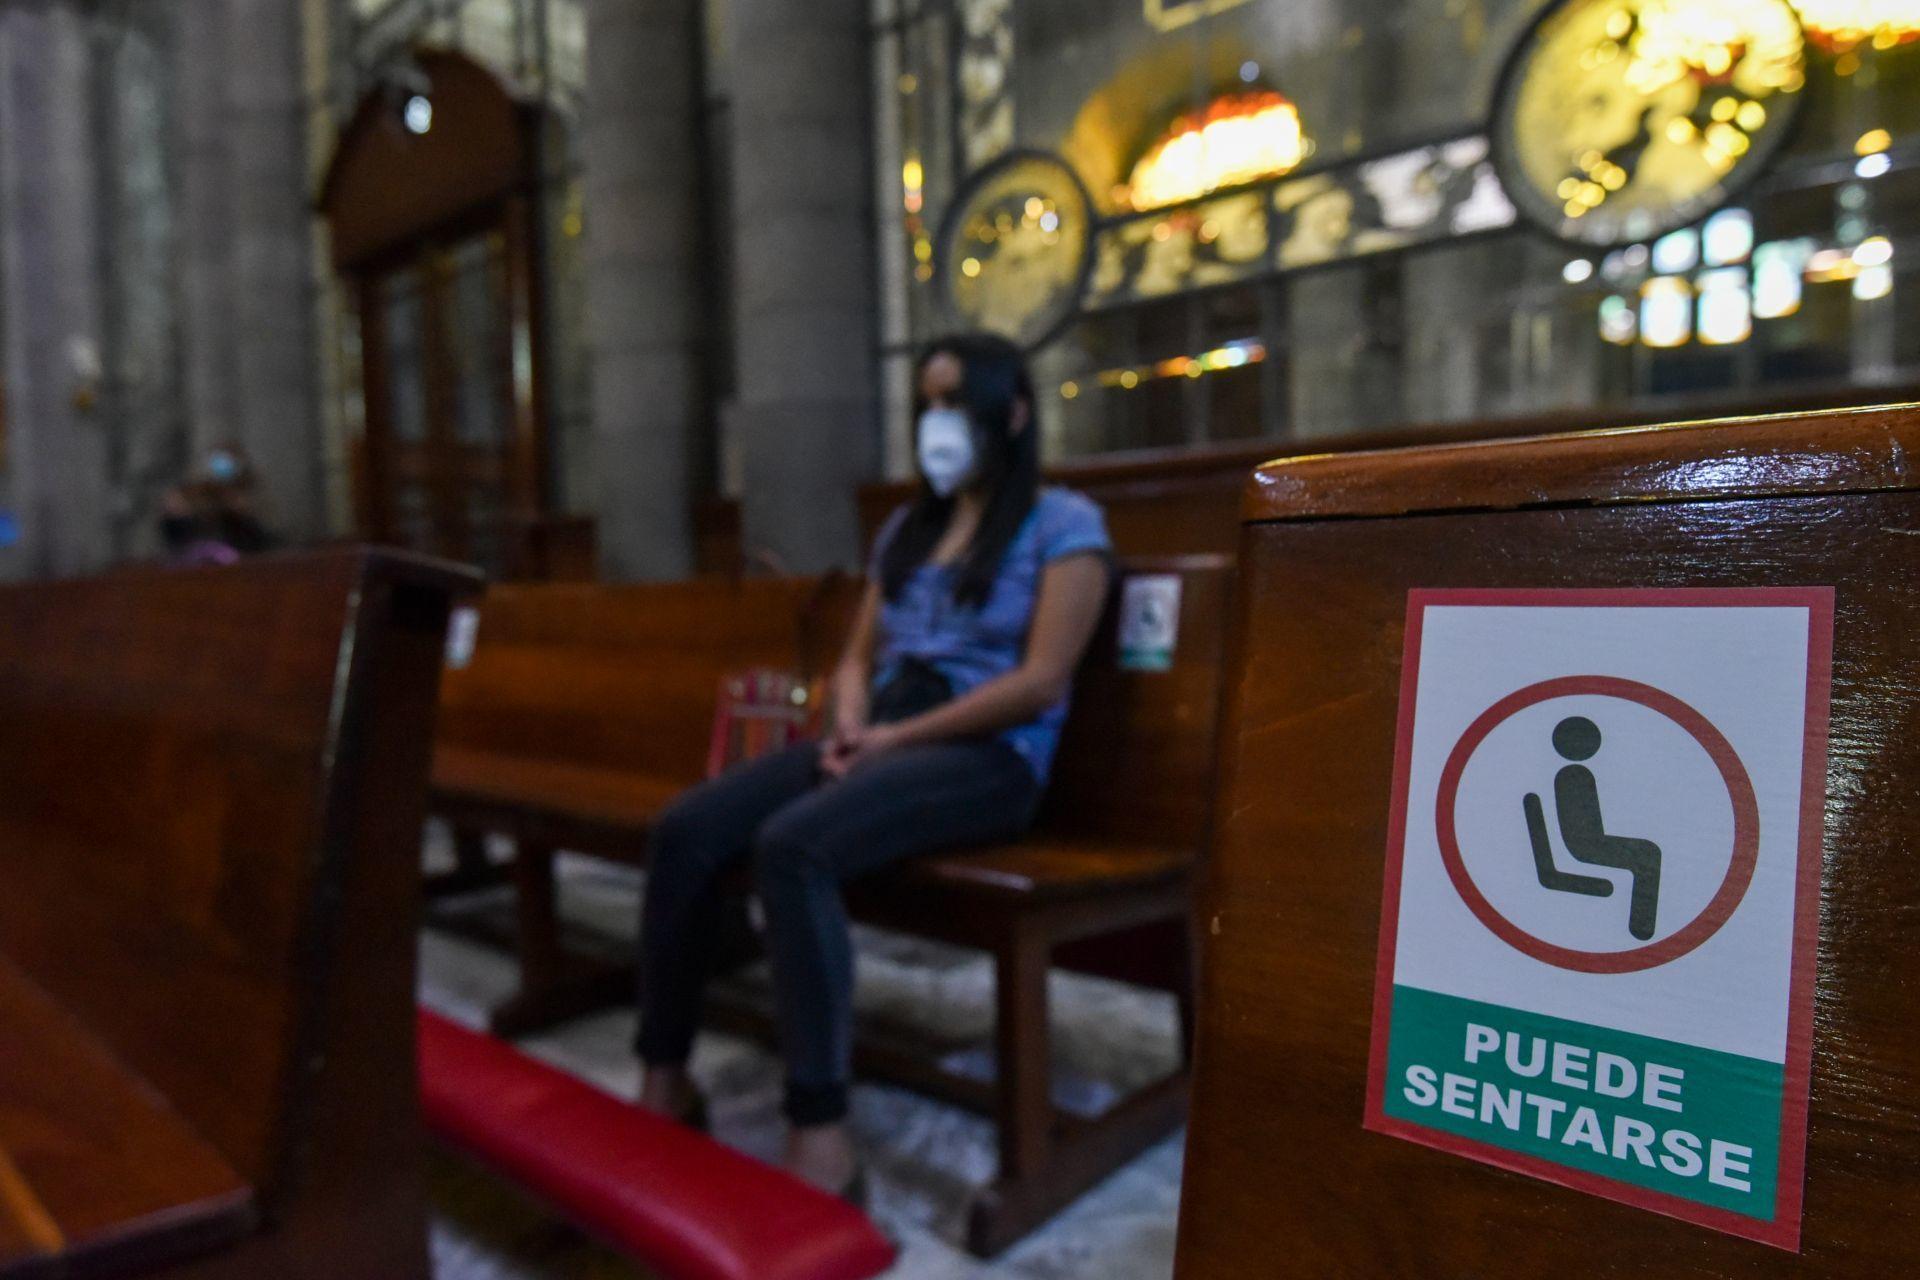 Reabren iglesias de Toluca pese a semáforo rojo en Edomex